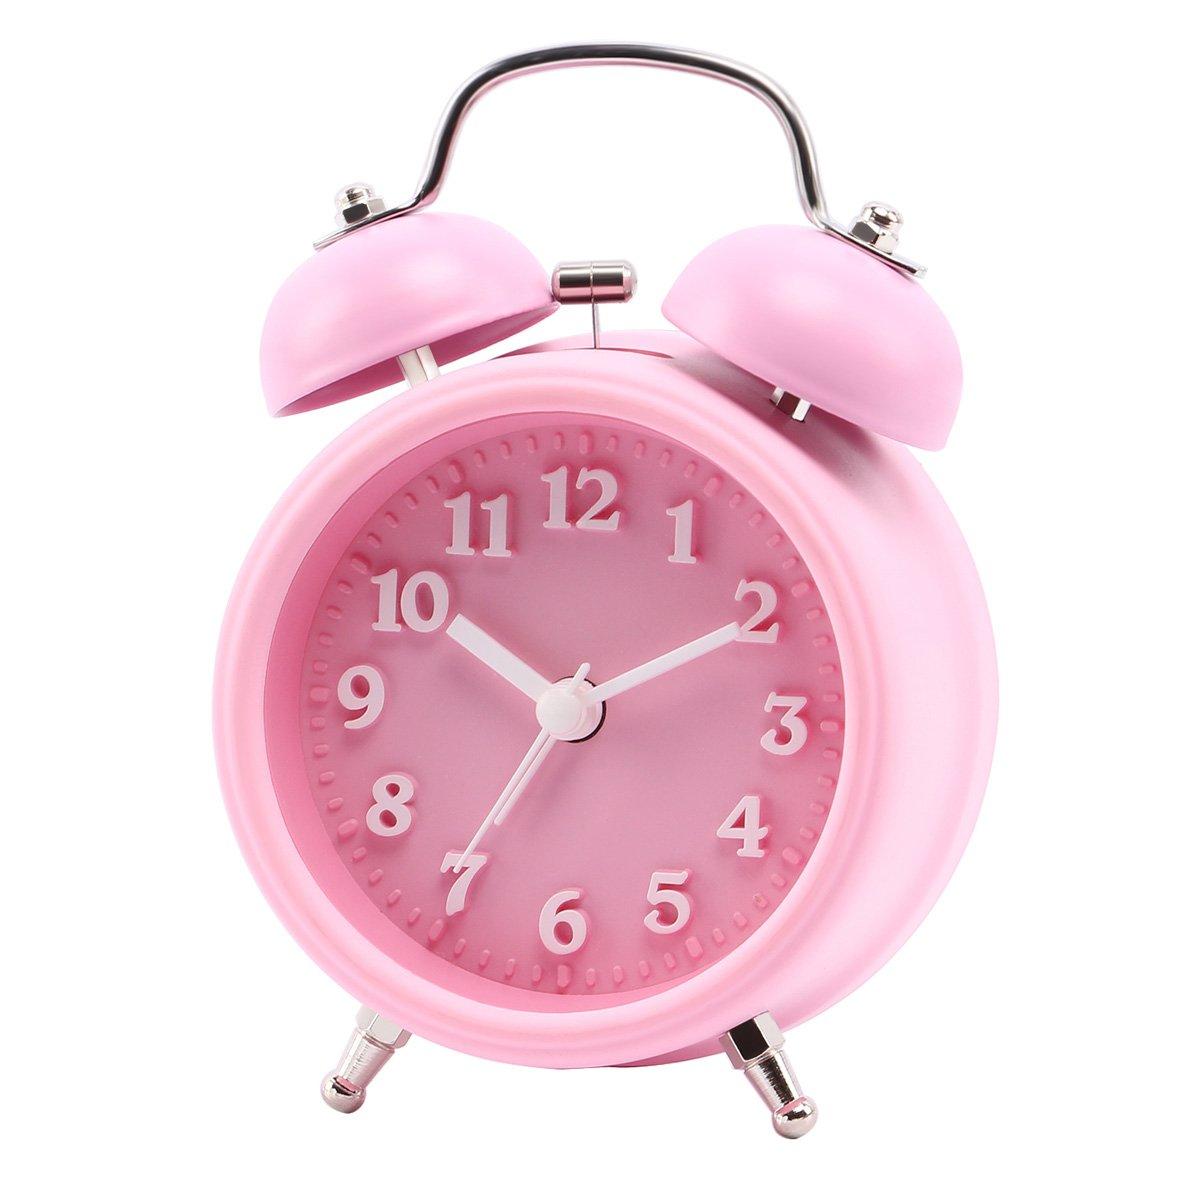 Wecker f/ür Schlafzimmer und Tiefschl/äfer Chycet 3 Retro Glockenwecker mit Nachtlicht Lauter Alarm kein Ticken ger/äuschlos Gr/ün.